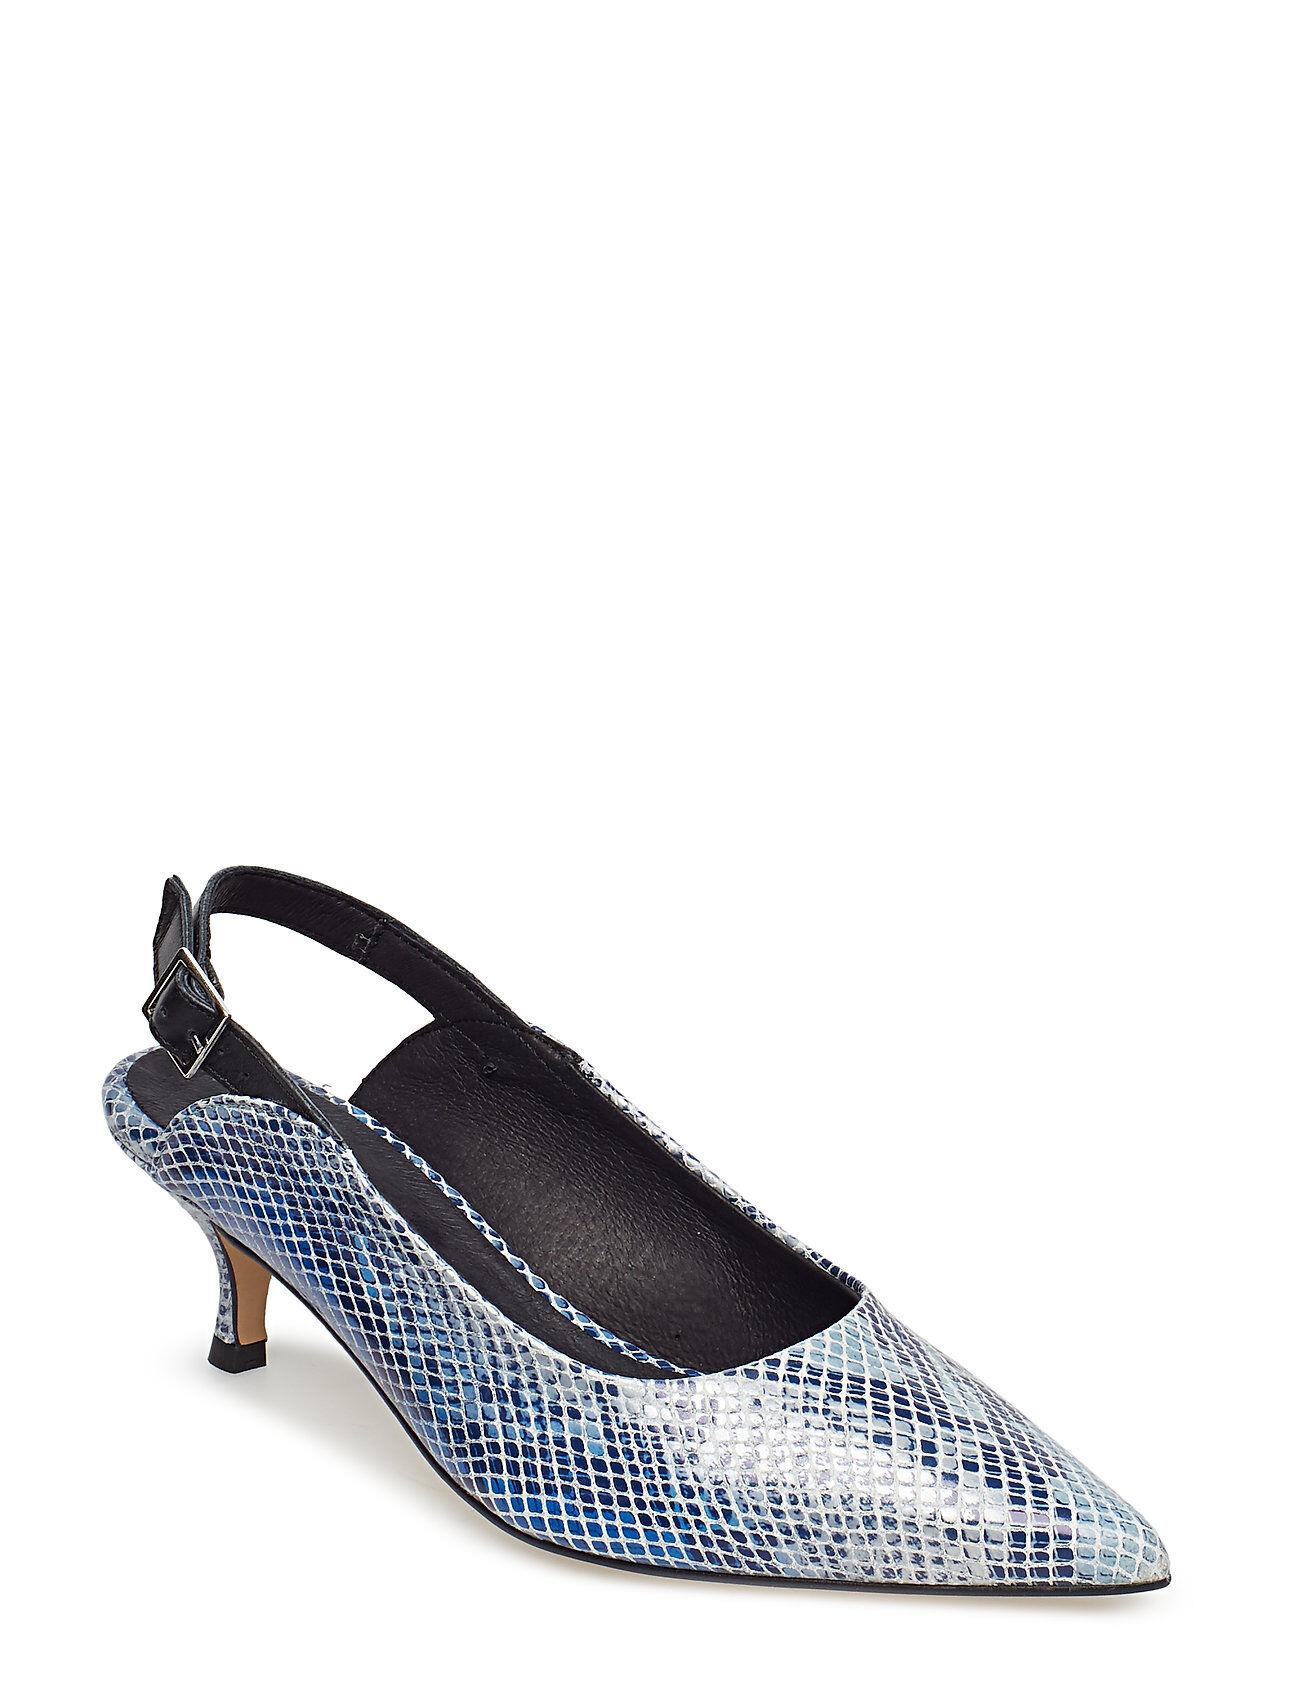 Shoe The Bear Hayden Slingback S